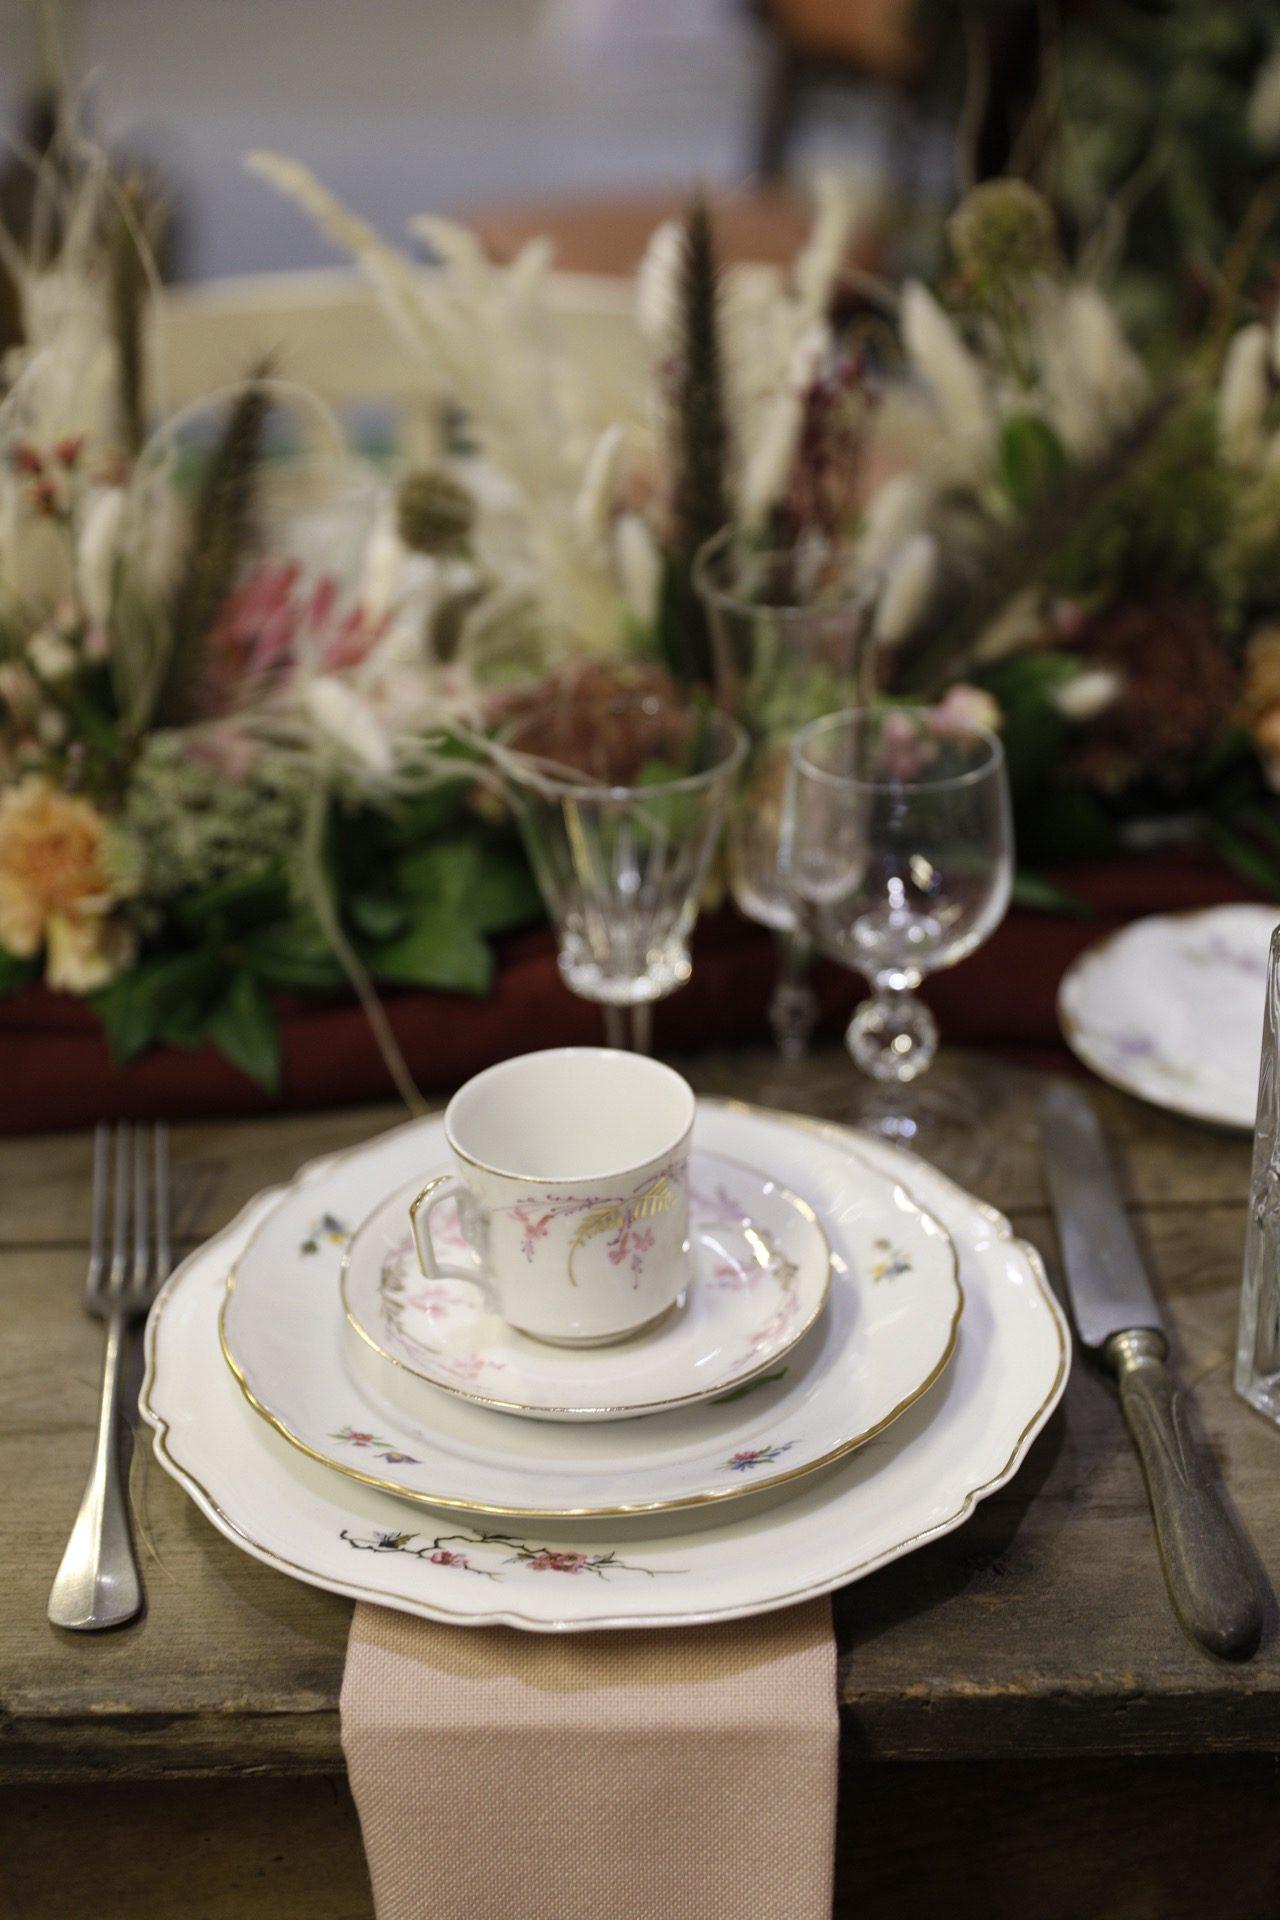 vaisselle vintage, assiette vintage, tasse vintage, location de vaisselle vintage, location, mariage, wedding, vintage dishes, rent, Lyon, rhone-alpes, paca, Marseille, aix-en-provence, Genève, Paris